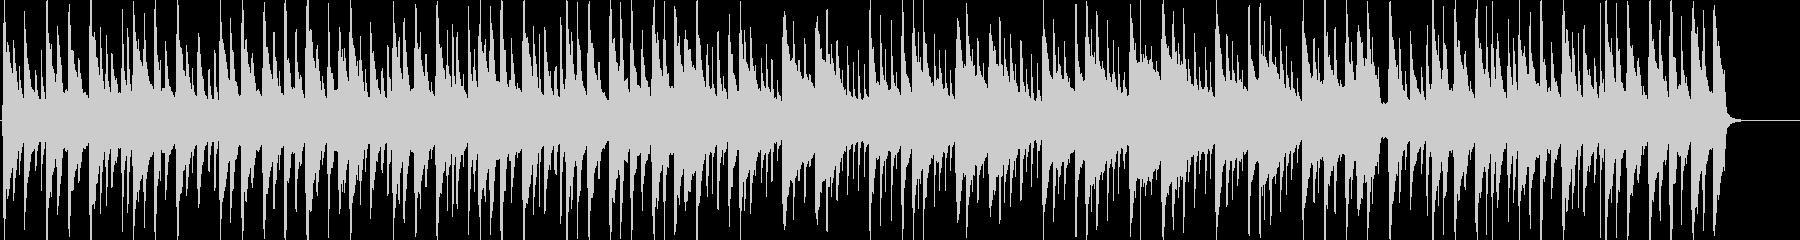 琴、三味線、尺八のほのぼの日常BGMの未再生の波形